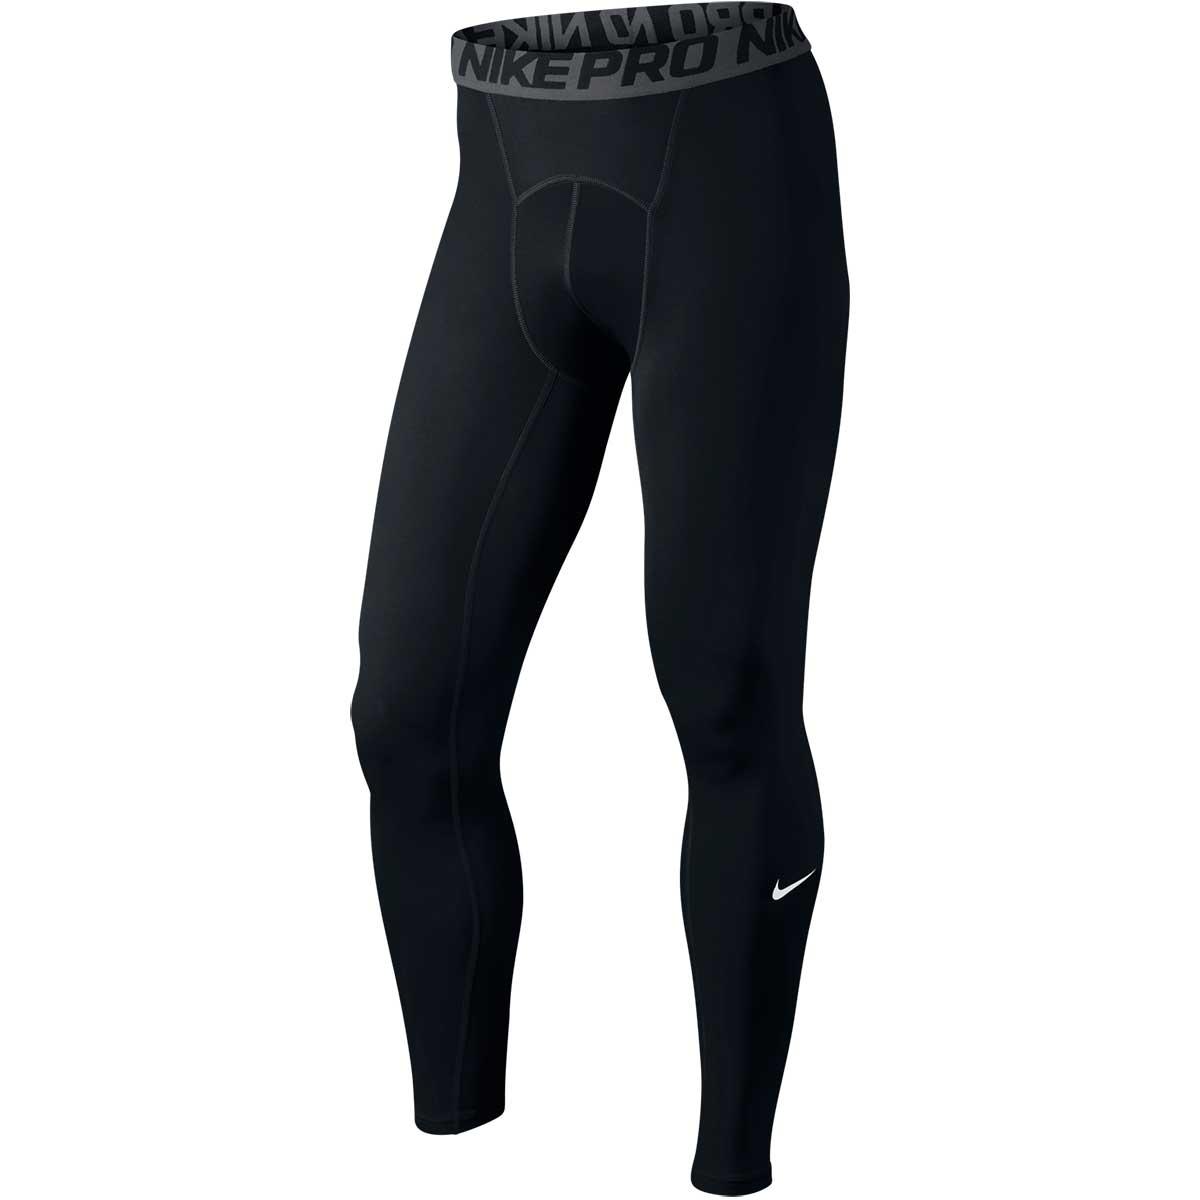 3e5f62d23ed Nike Pro Combat Tights (Black)